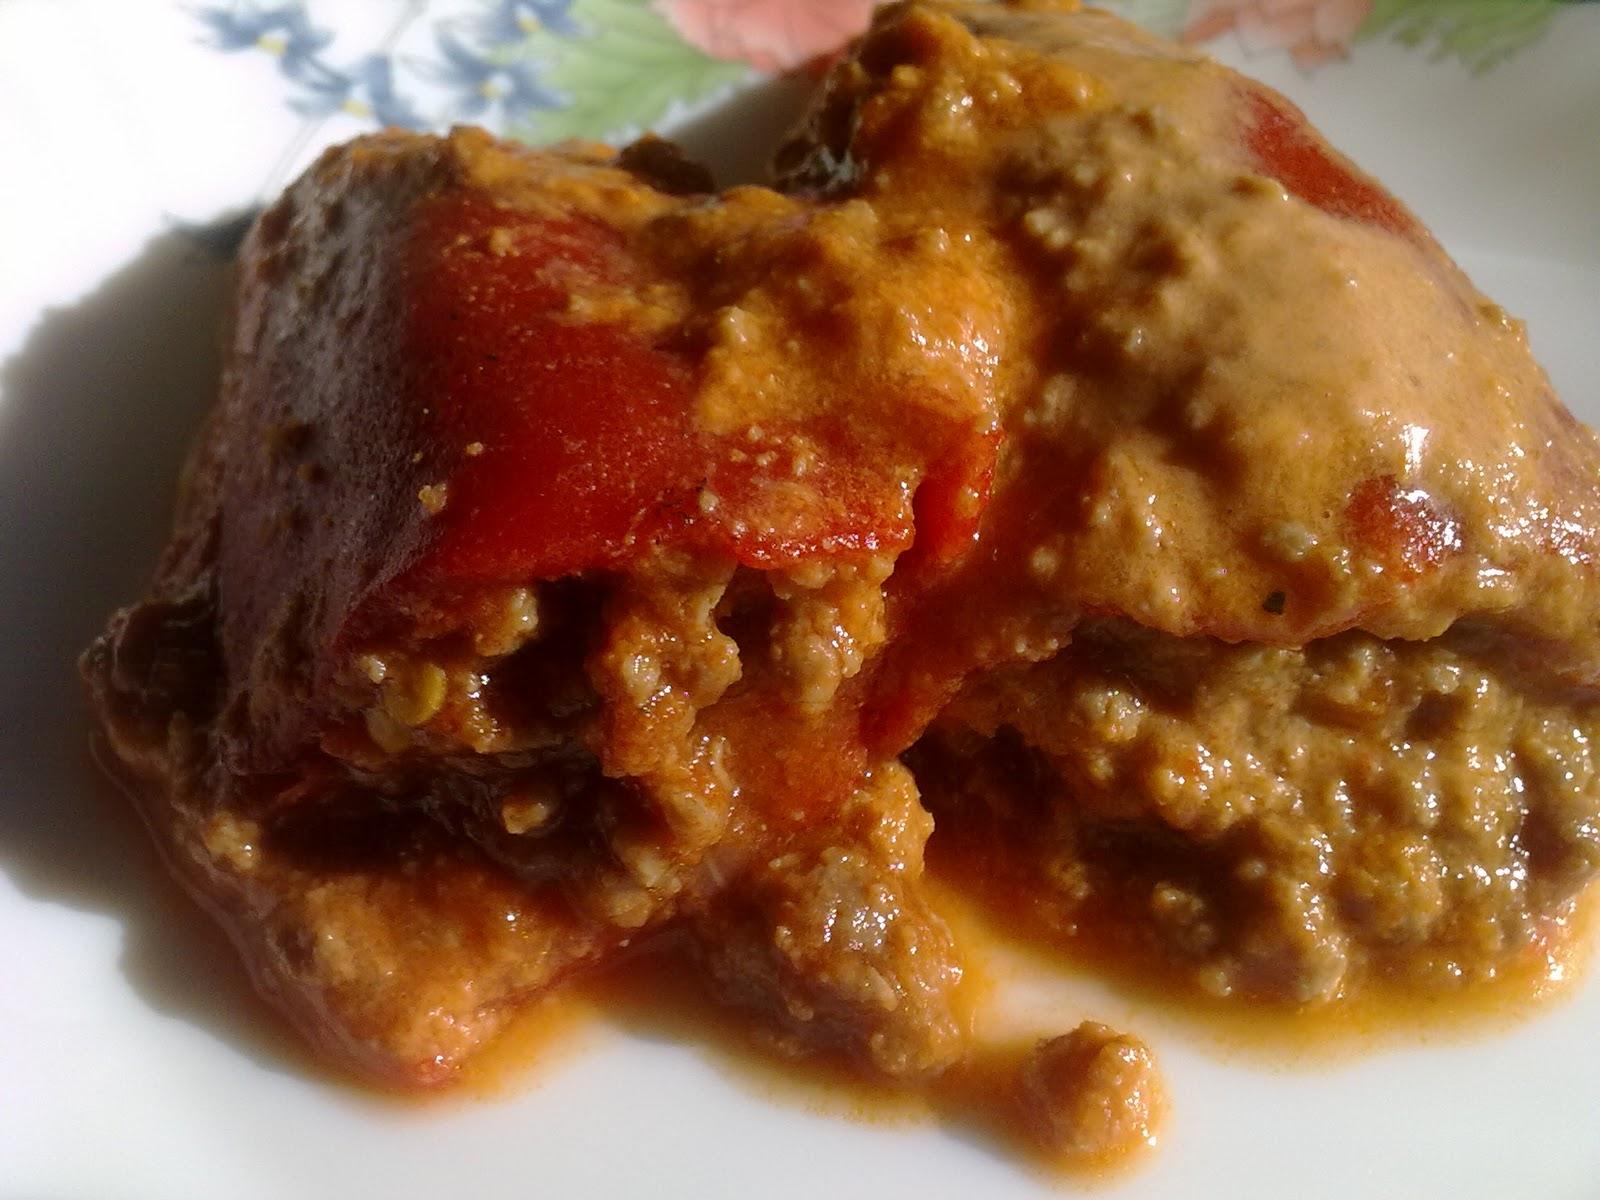 Dieta dukan pimientos de piquillo rellenos de carne pv - Pimientos rellenos de carne picada y bechamel ...